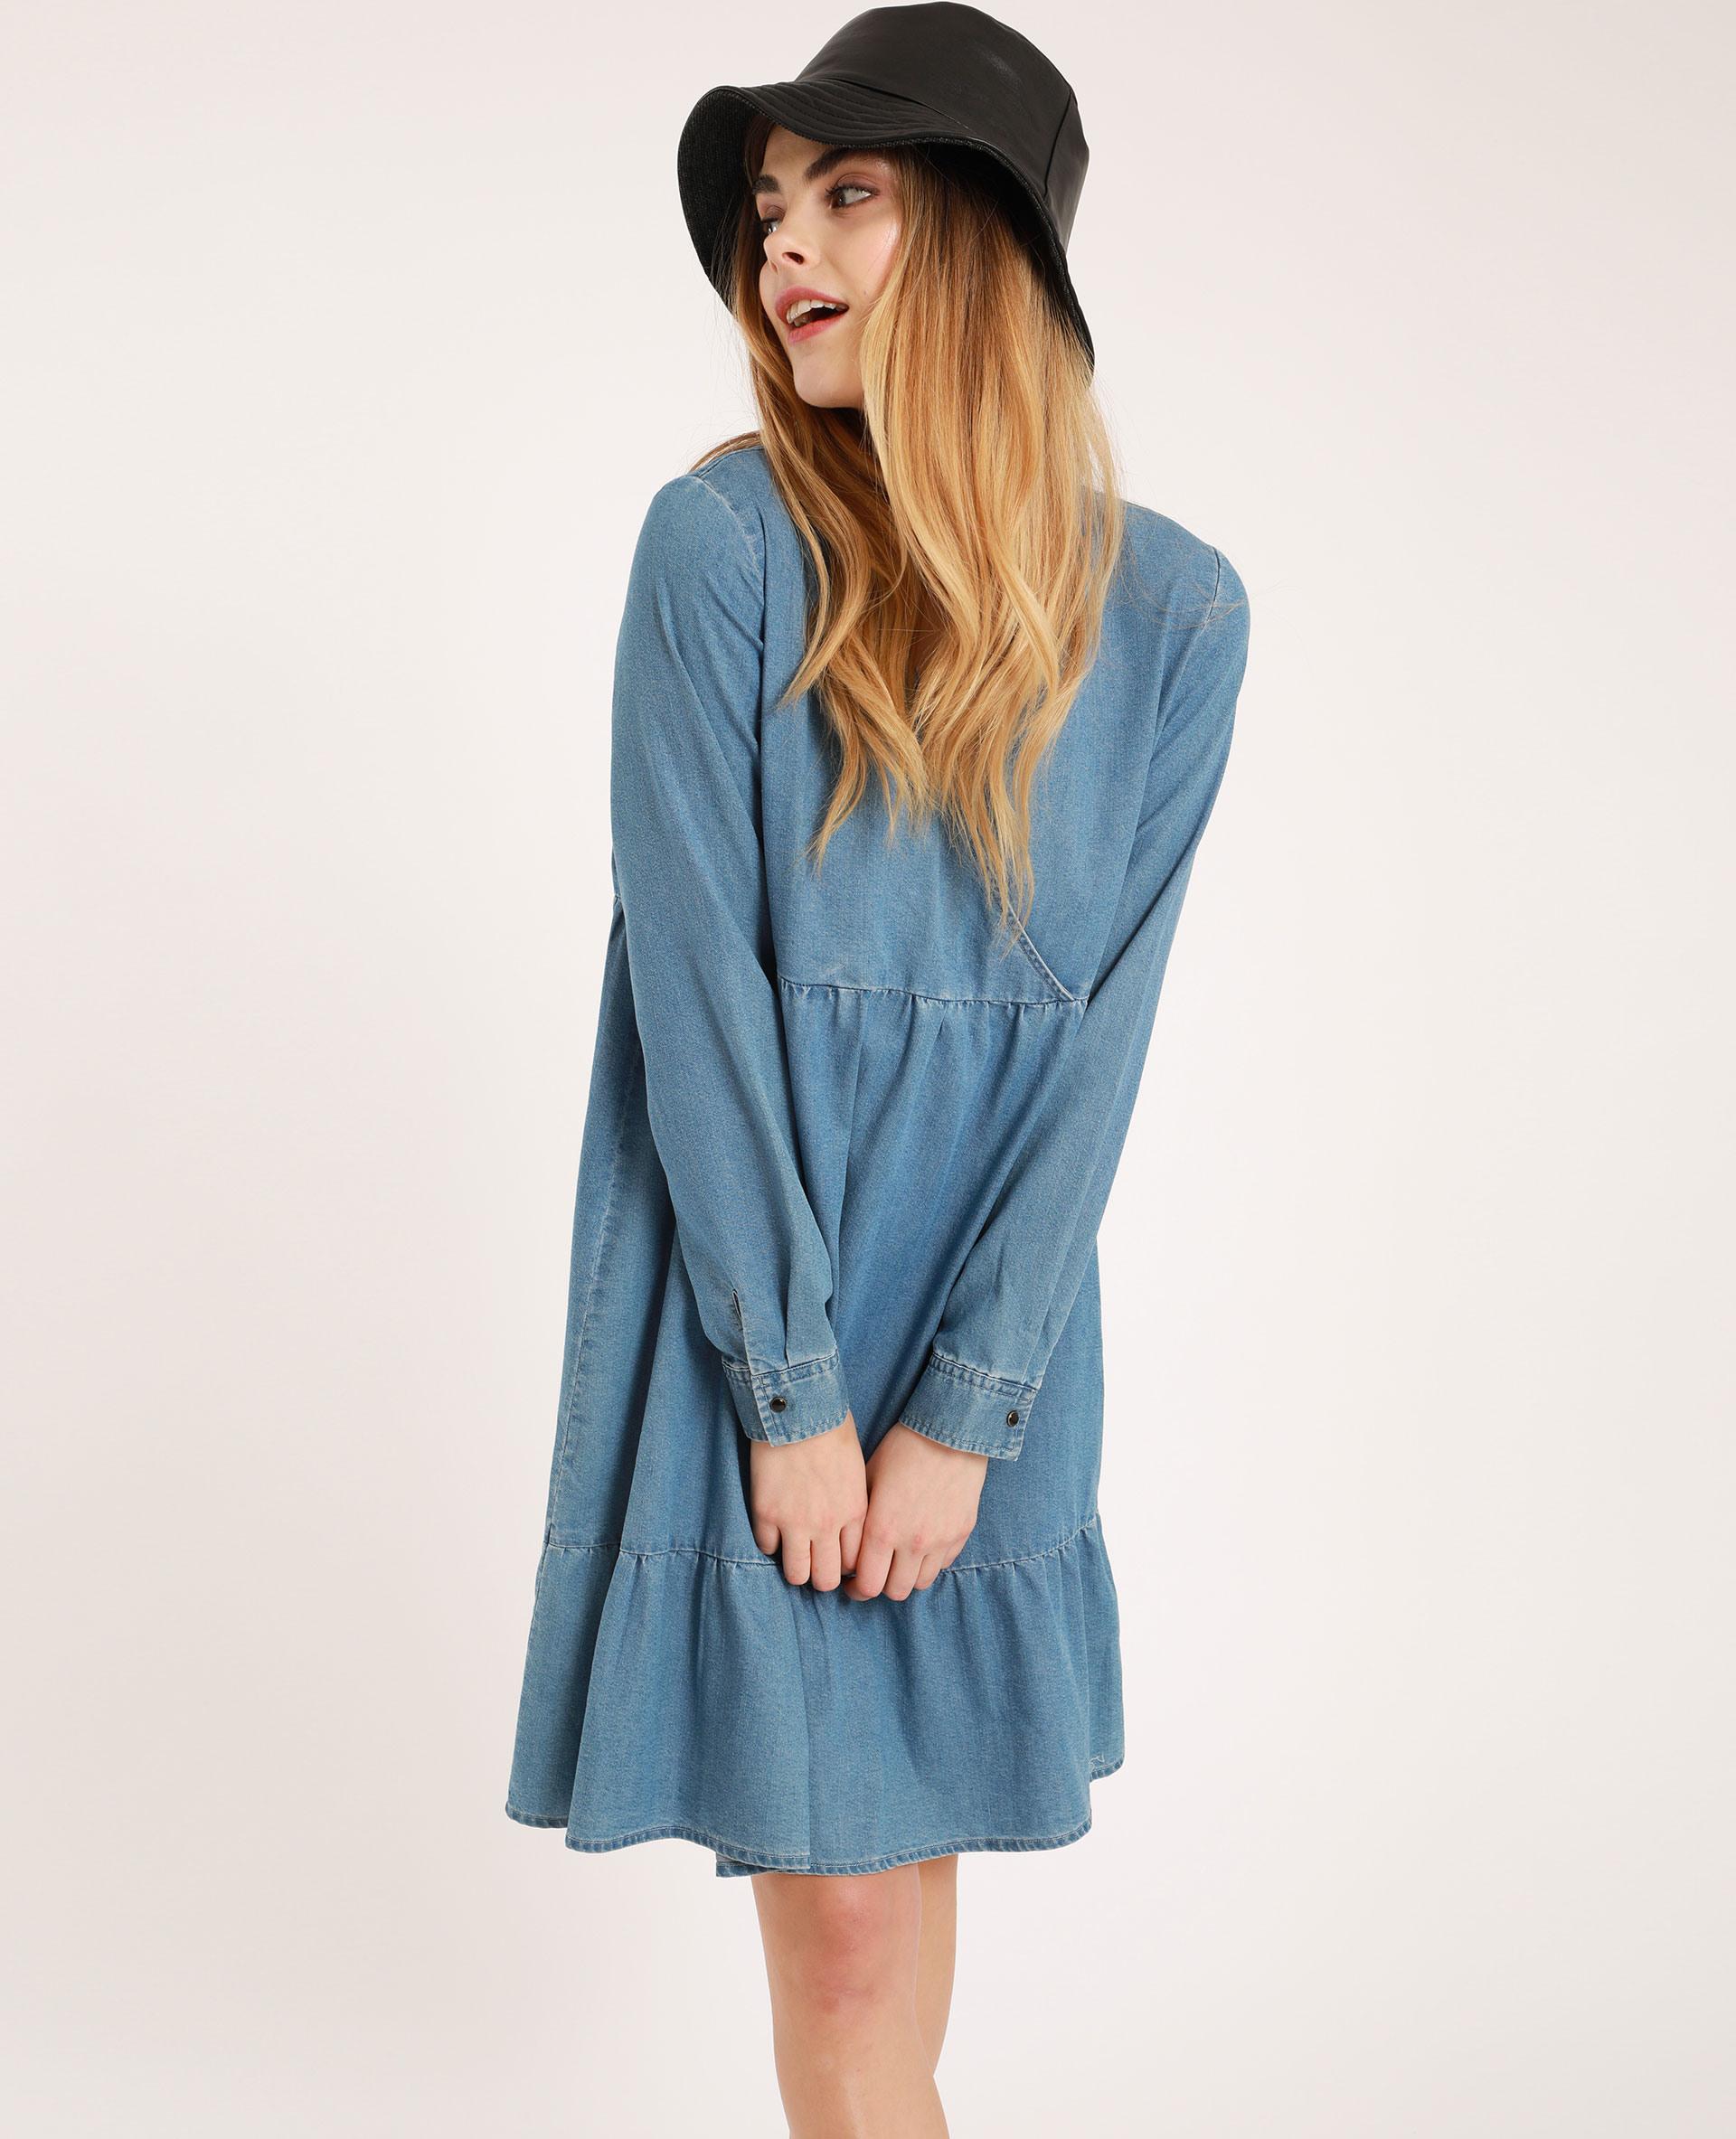 Kleid Mit Vausschnitt Blau  781387608A06  Pimkie